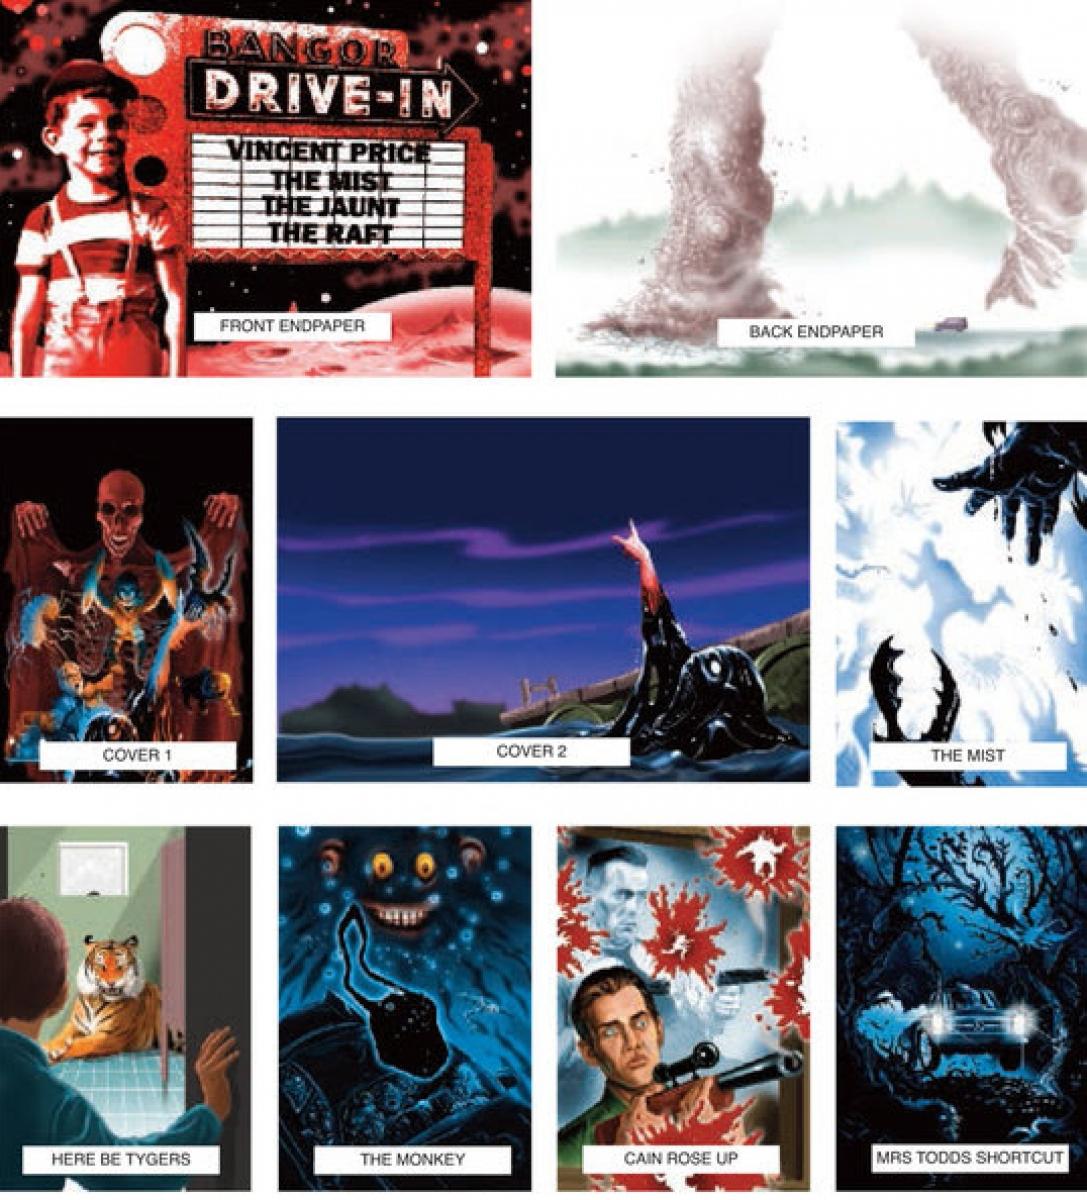 Skeleton Crew - PS Publishing - wizualizacje ilustracji 3 - obrazek